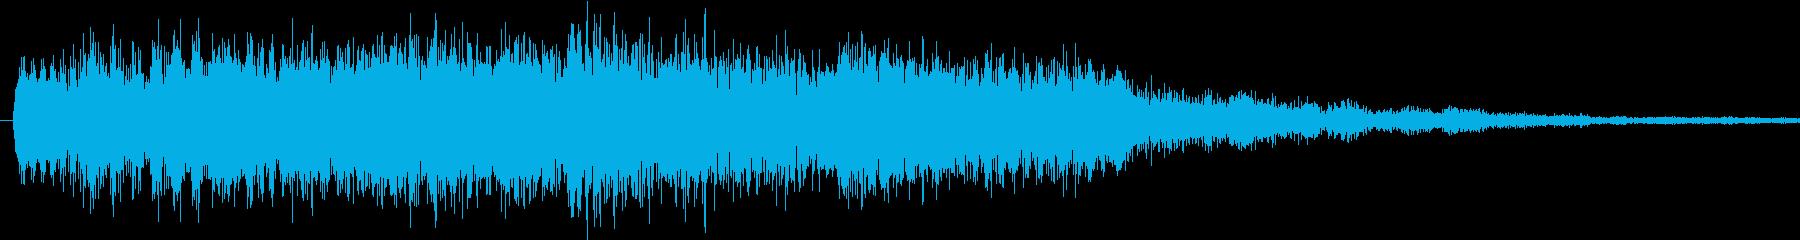 可愛らしい効果音の再生済みの波形